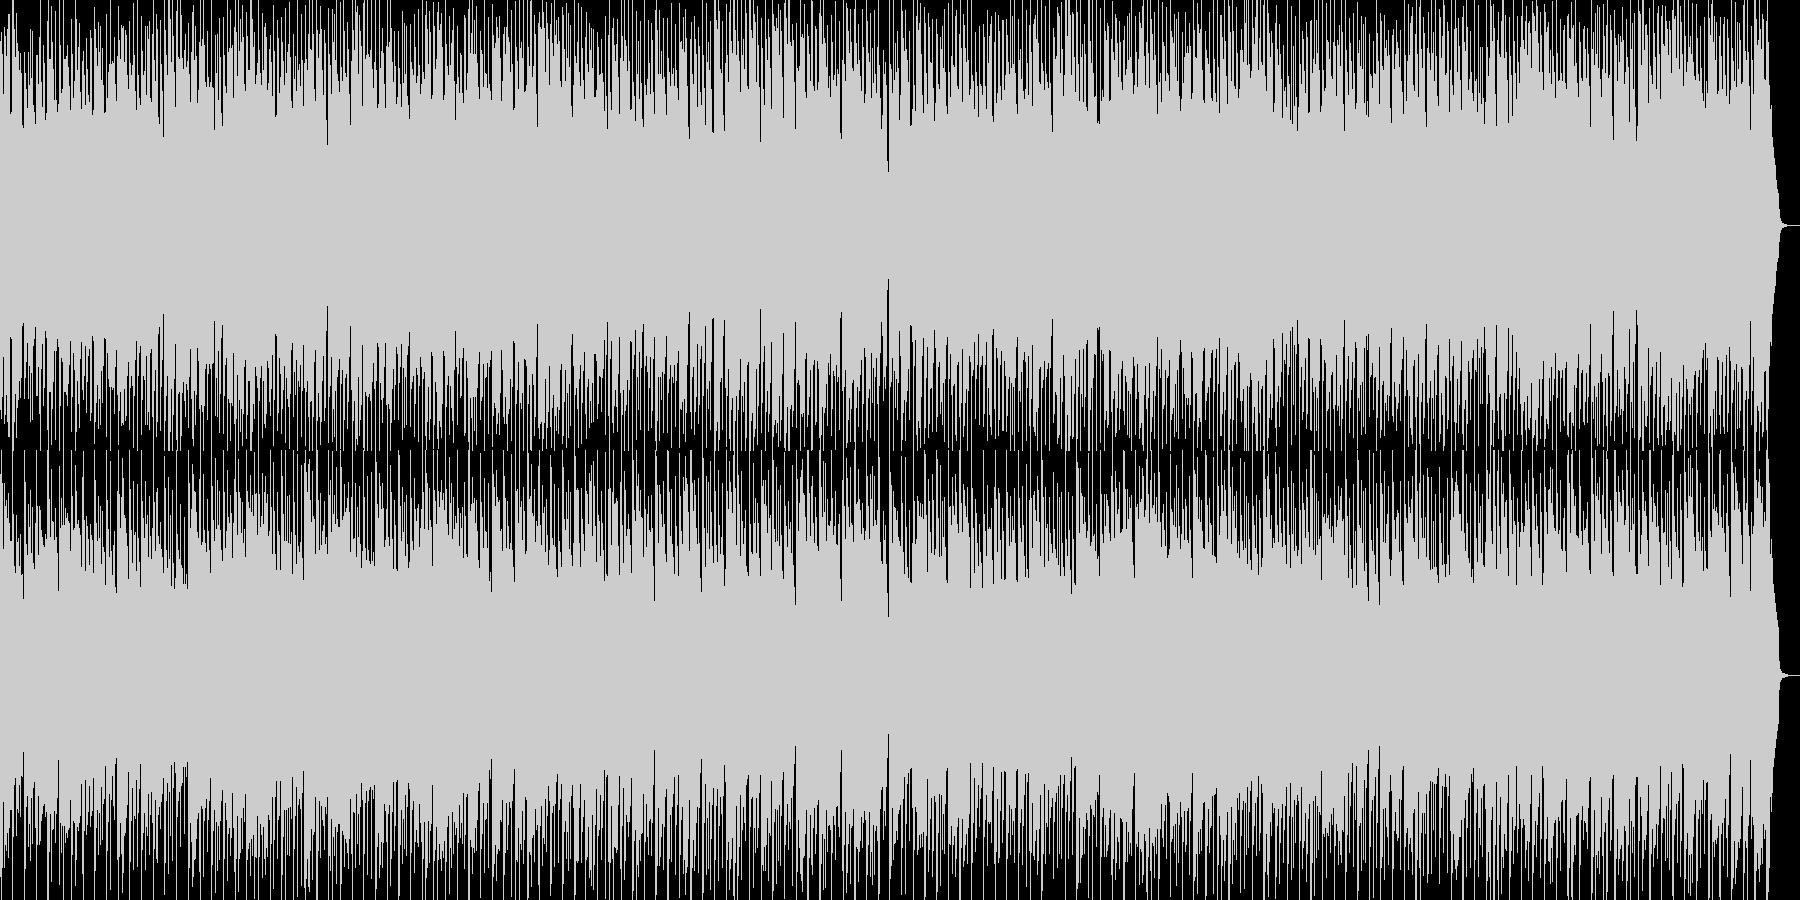 ほのぼのしたかわいいポップワルツの未再生の波形